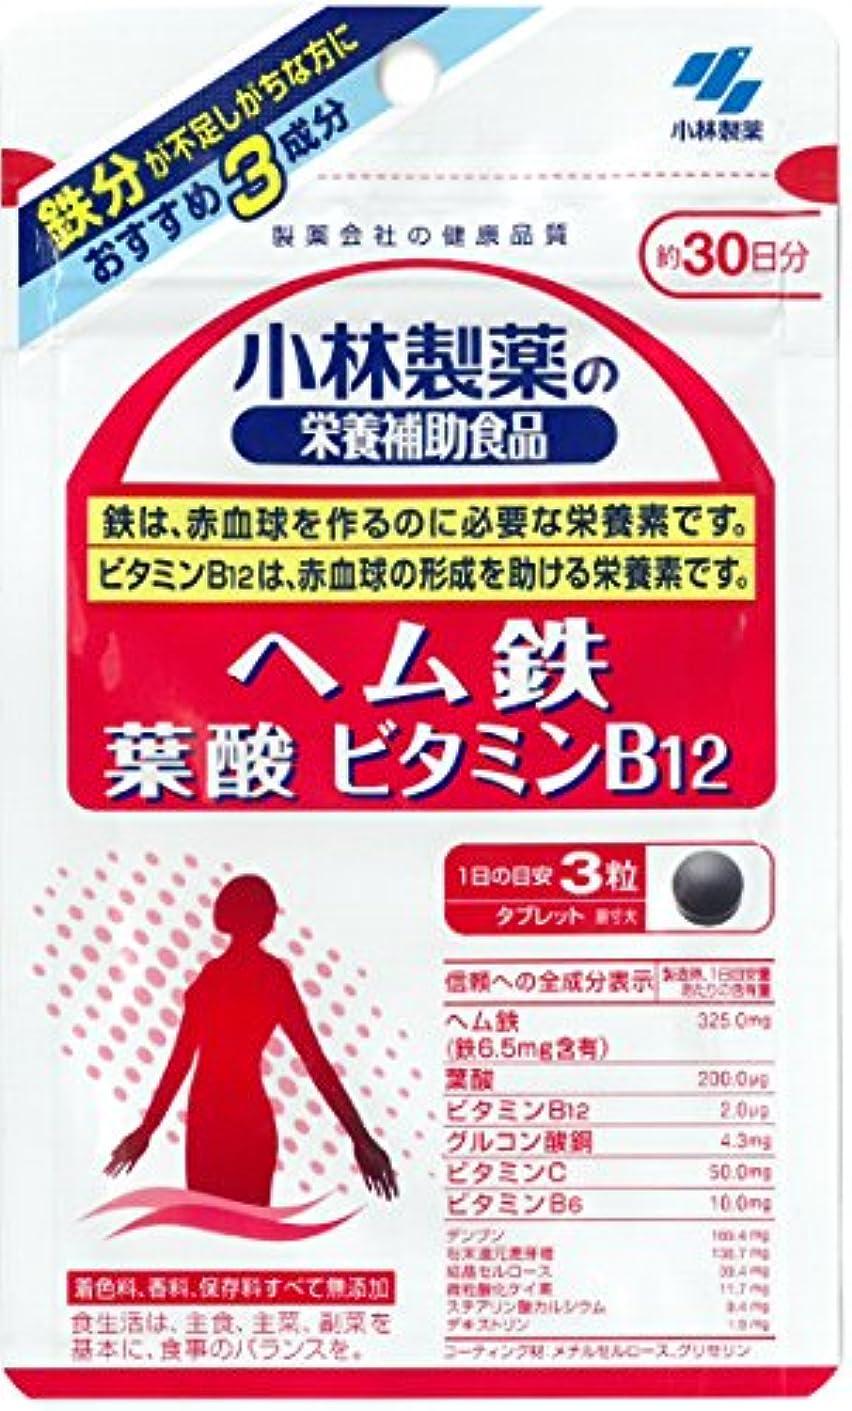 頼る人事ボウリング小林製薬の栄養補助食品 ヘム鉄 葉酸 ビタミンB12 約30日分 90粒